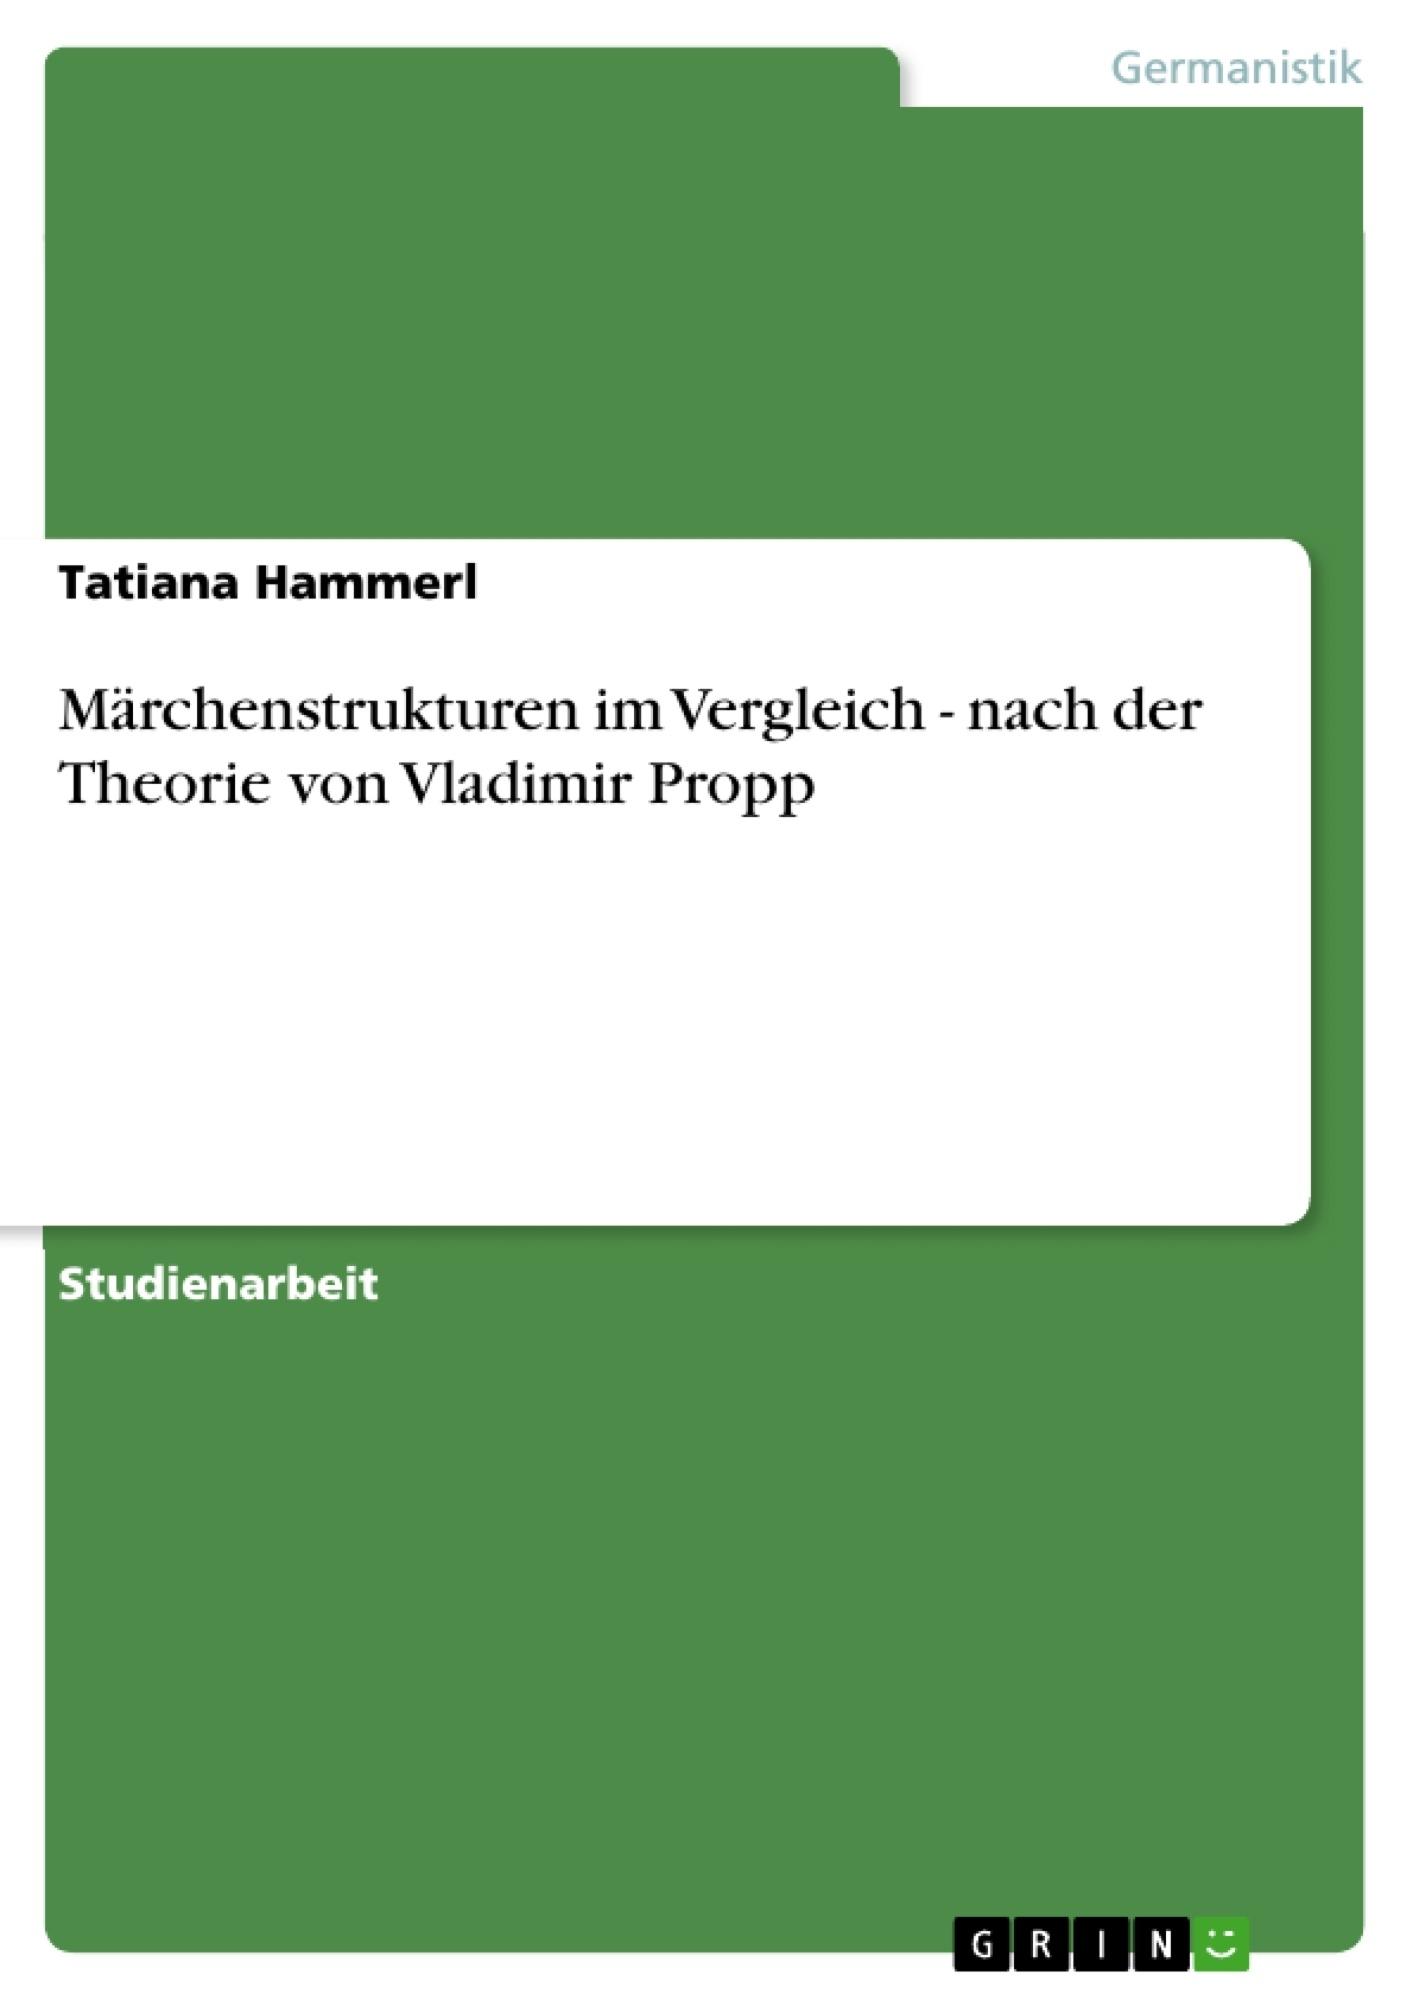 Titel: Märchenstrukturen im Vergleich - nach der Theorie von Vladimir Propp